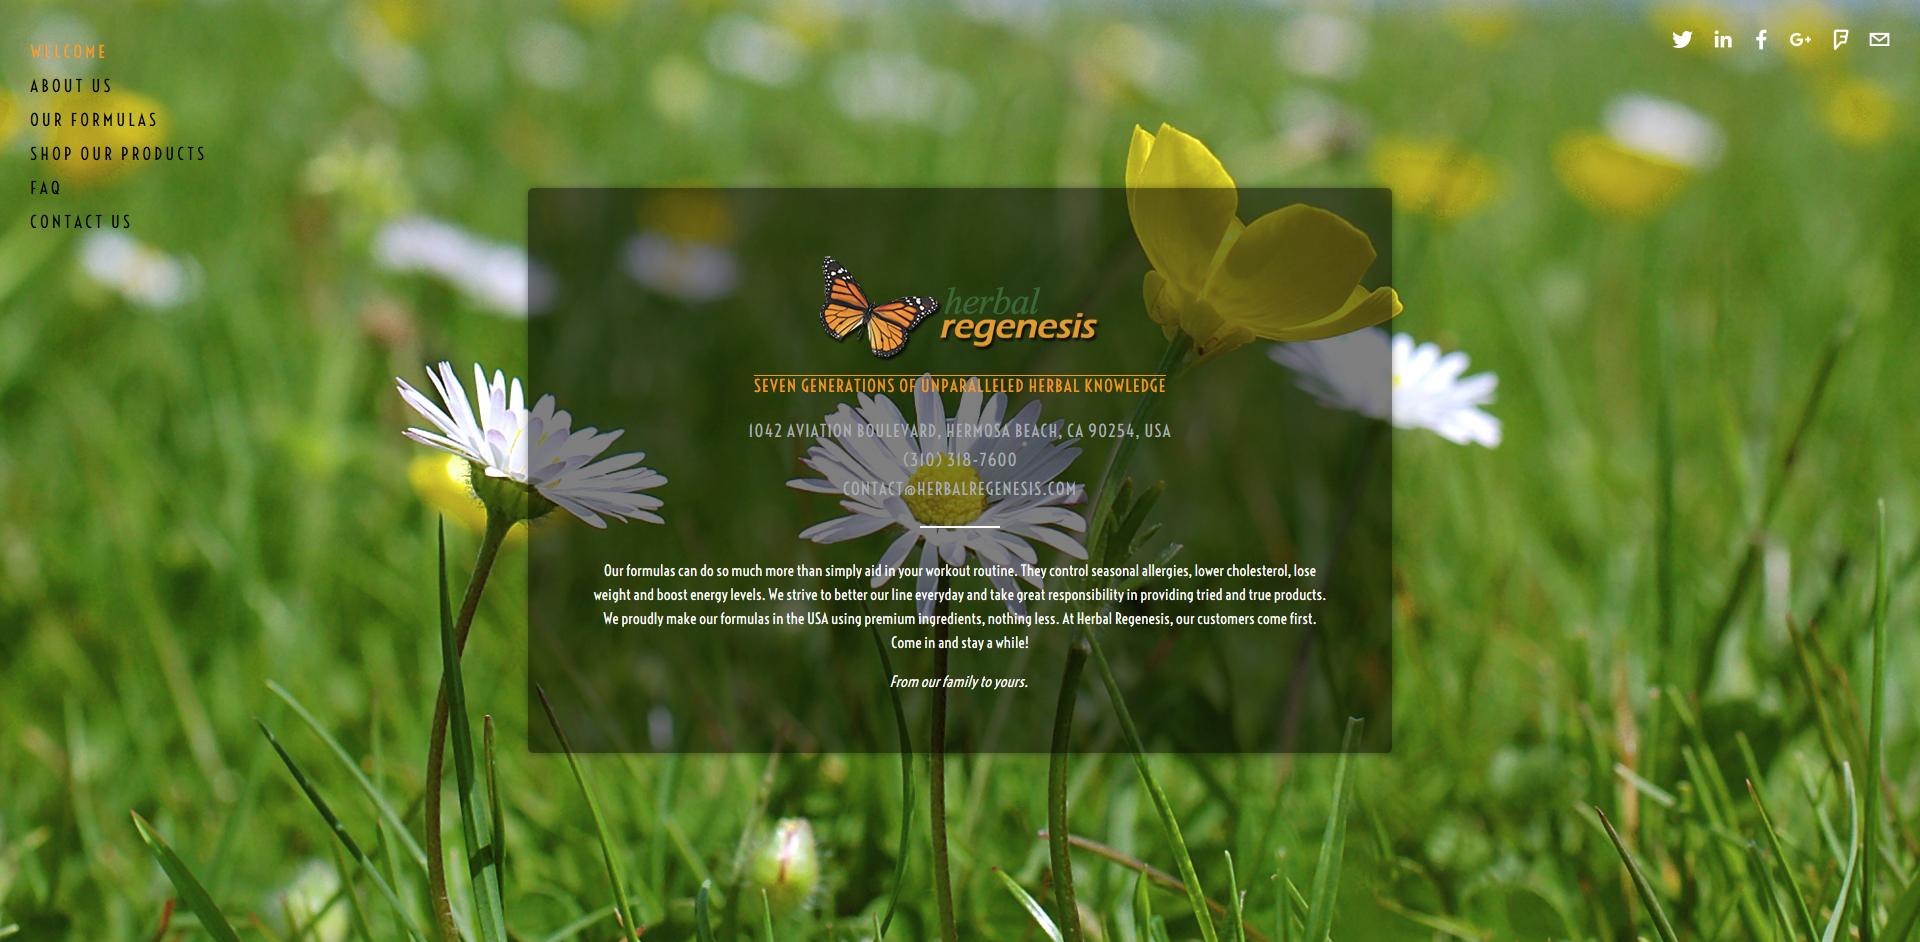 2016-07-18 11_15_07-Herbal Regenesis.png